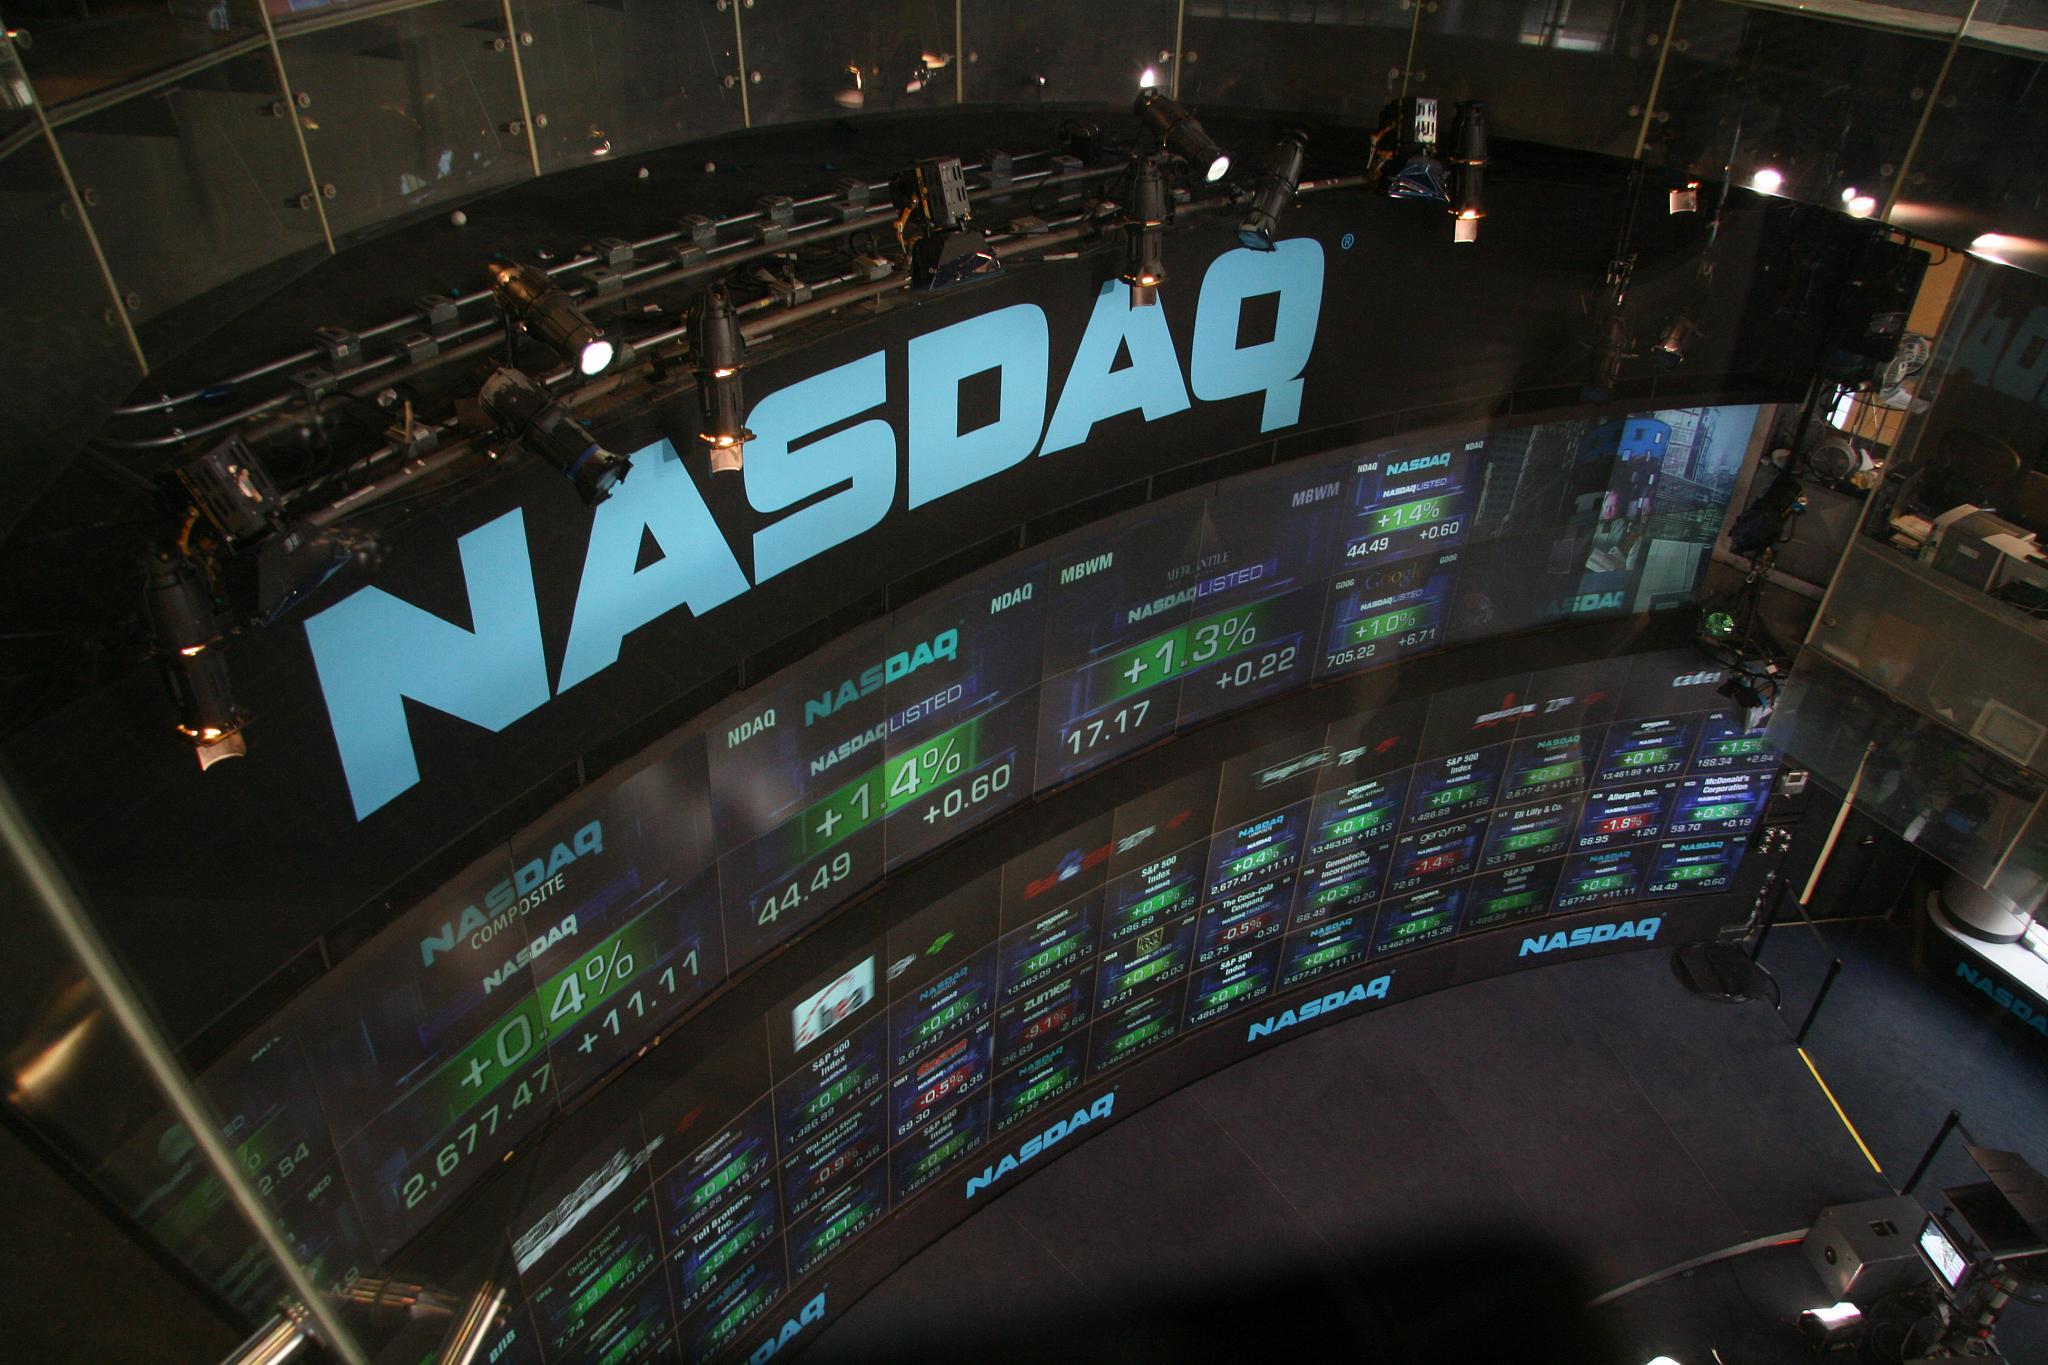 Aktualnie około 20 proc. spółek giełdowych w USA stanowią spółki zagraniczne. Fot. Shutterstock